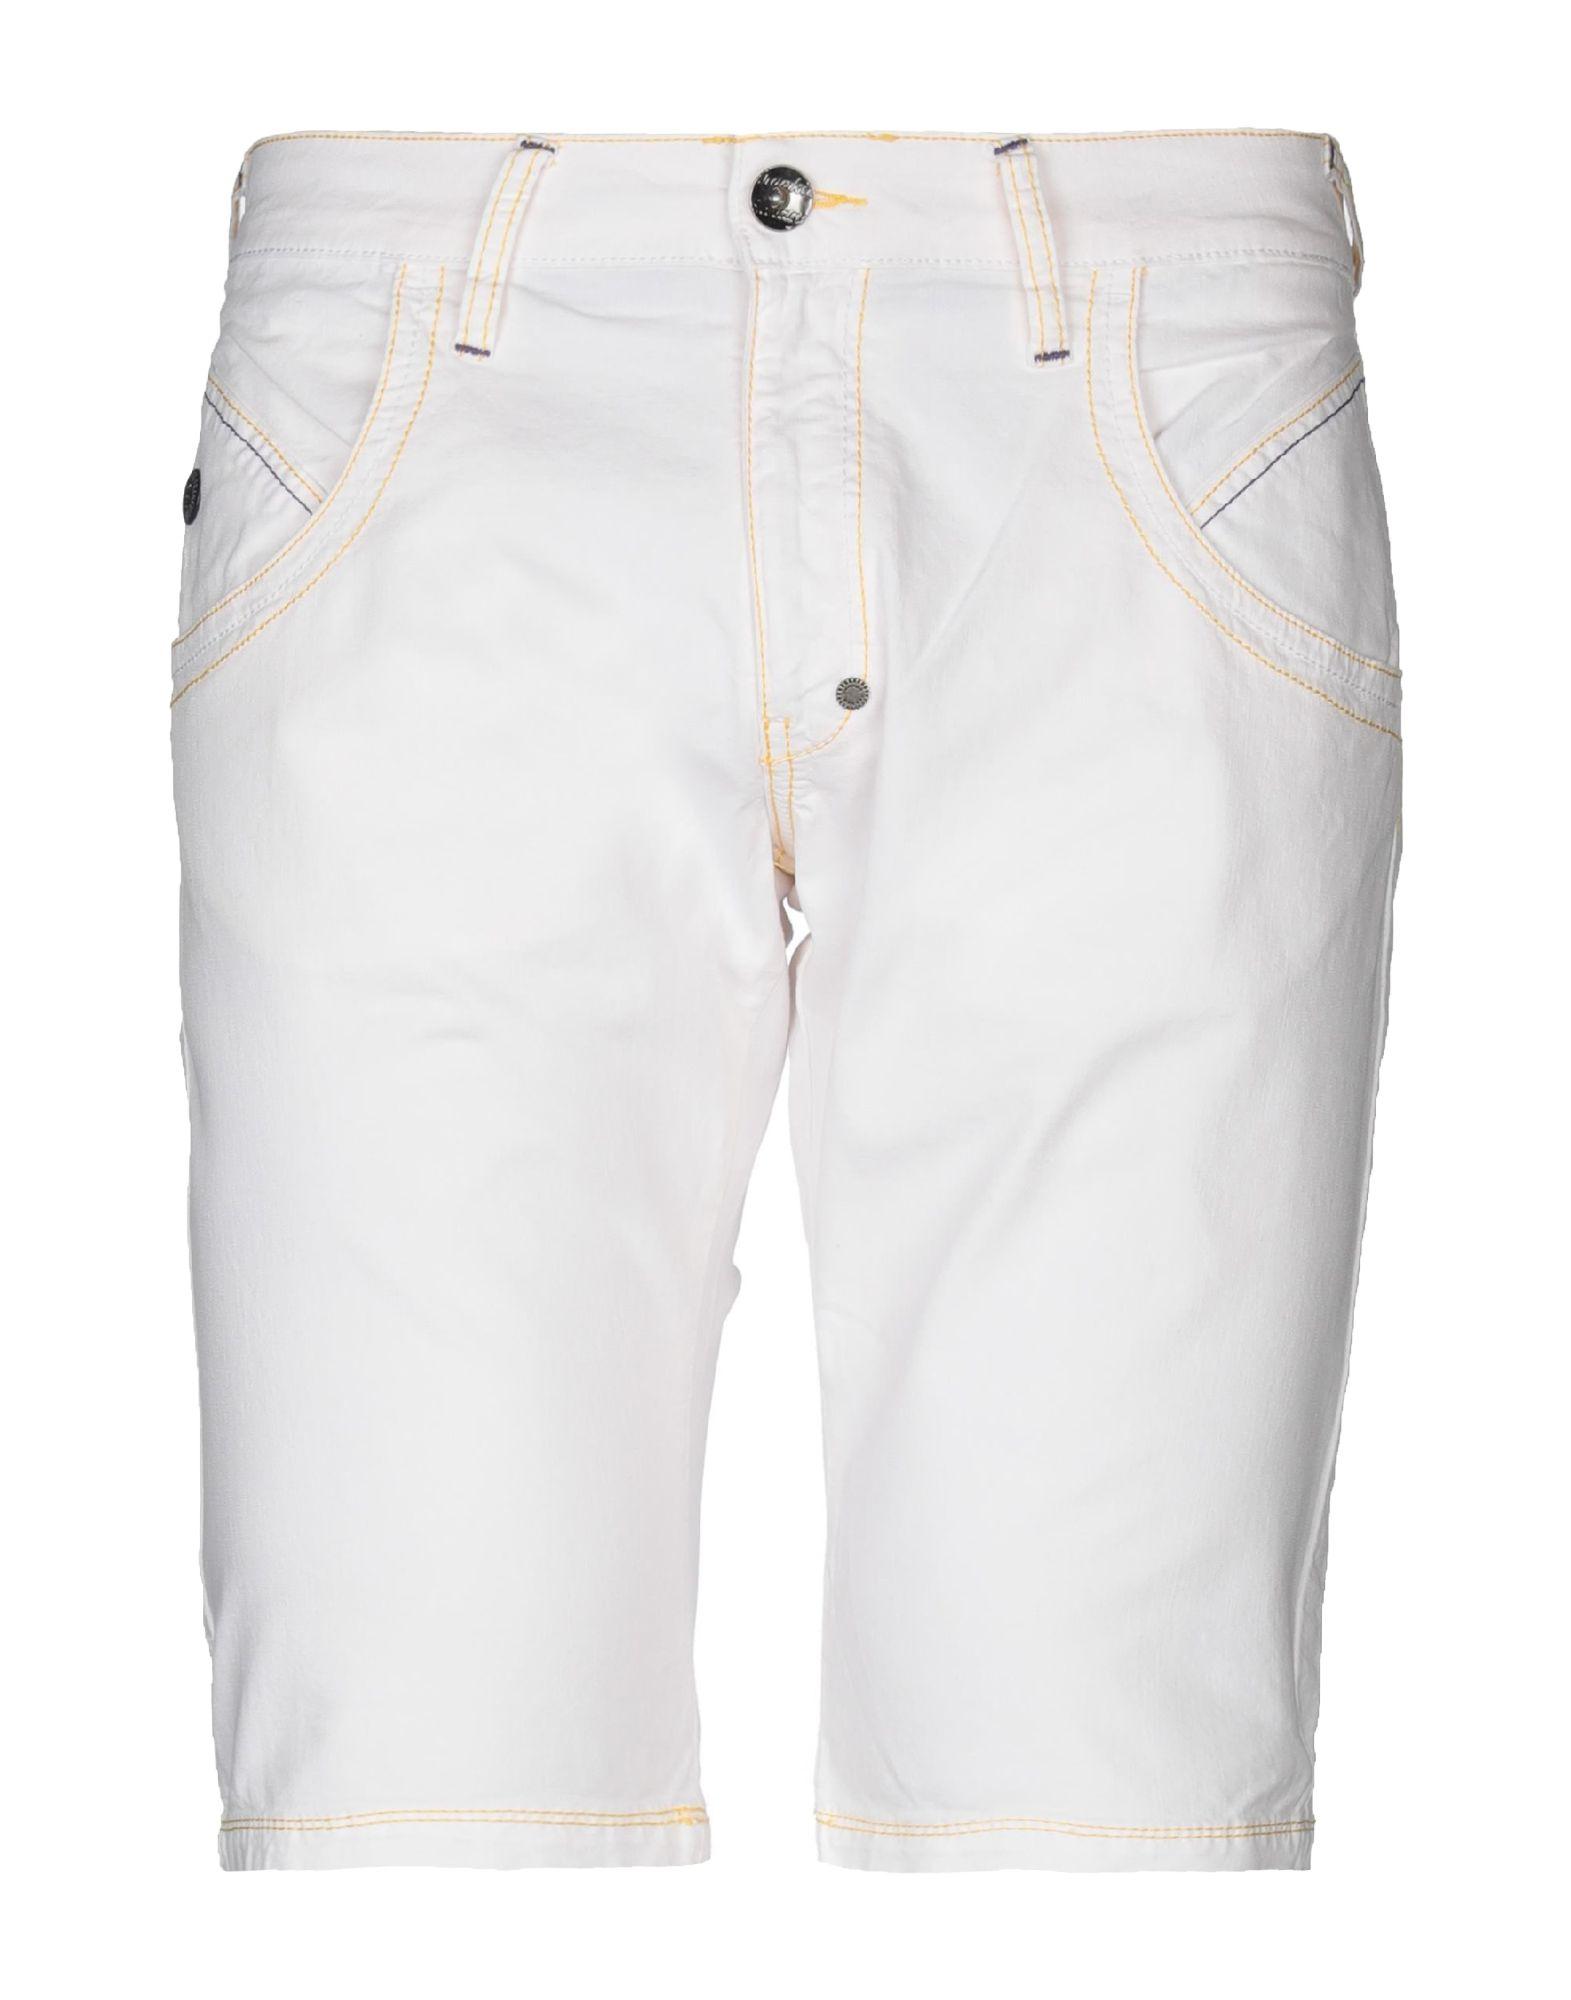 《期間限定セール中》FRANKIE GARAGE メンズ デニムバミューダパンツ ホワイト 36 コットン 100%